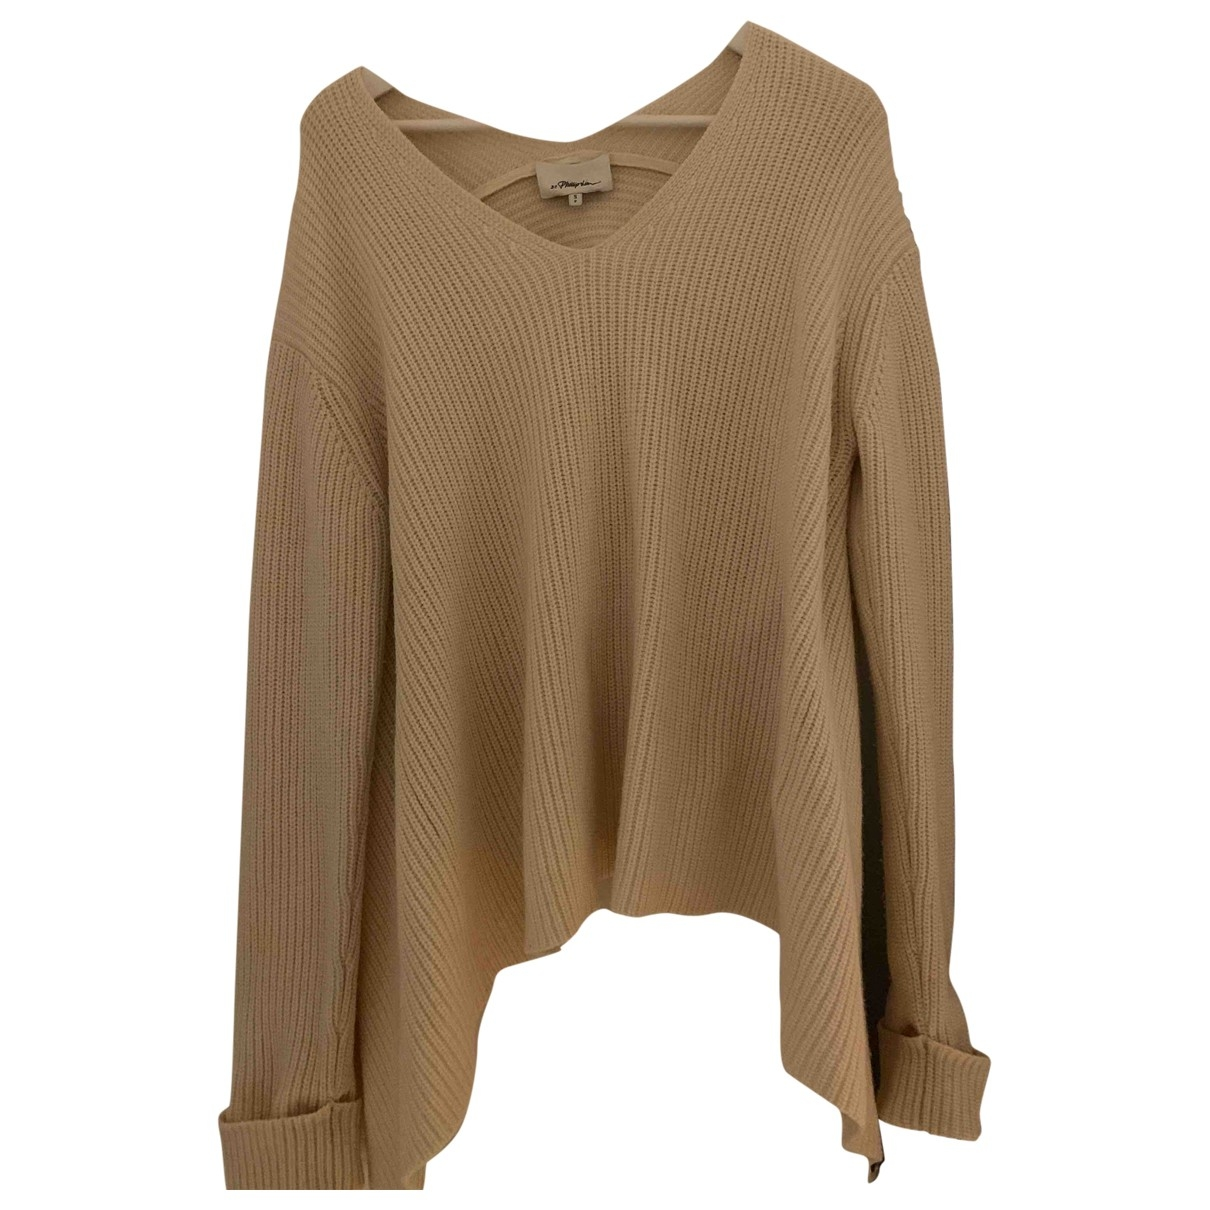 3.1 Phillip Lim - Pull   pour femme en laine - beige